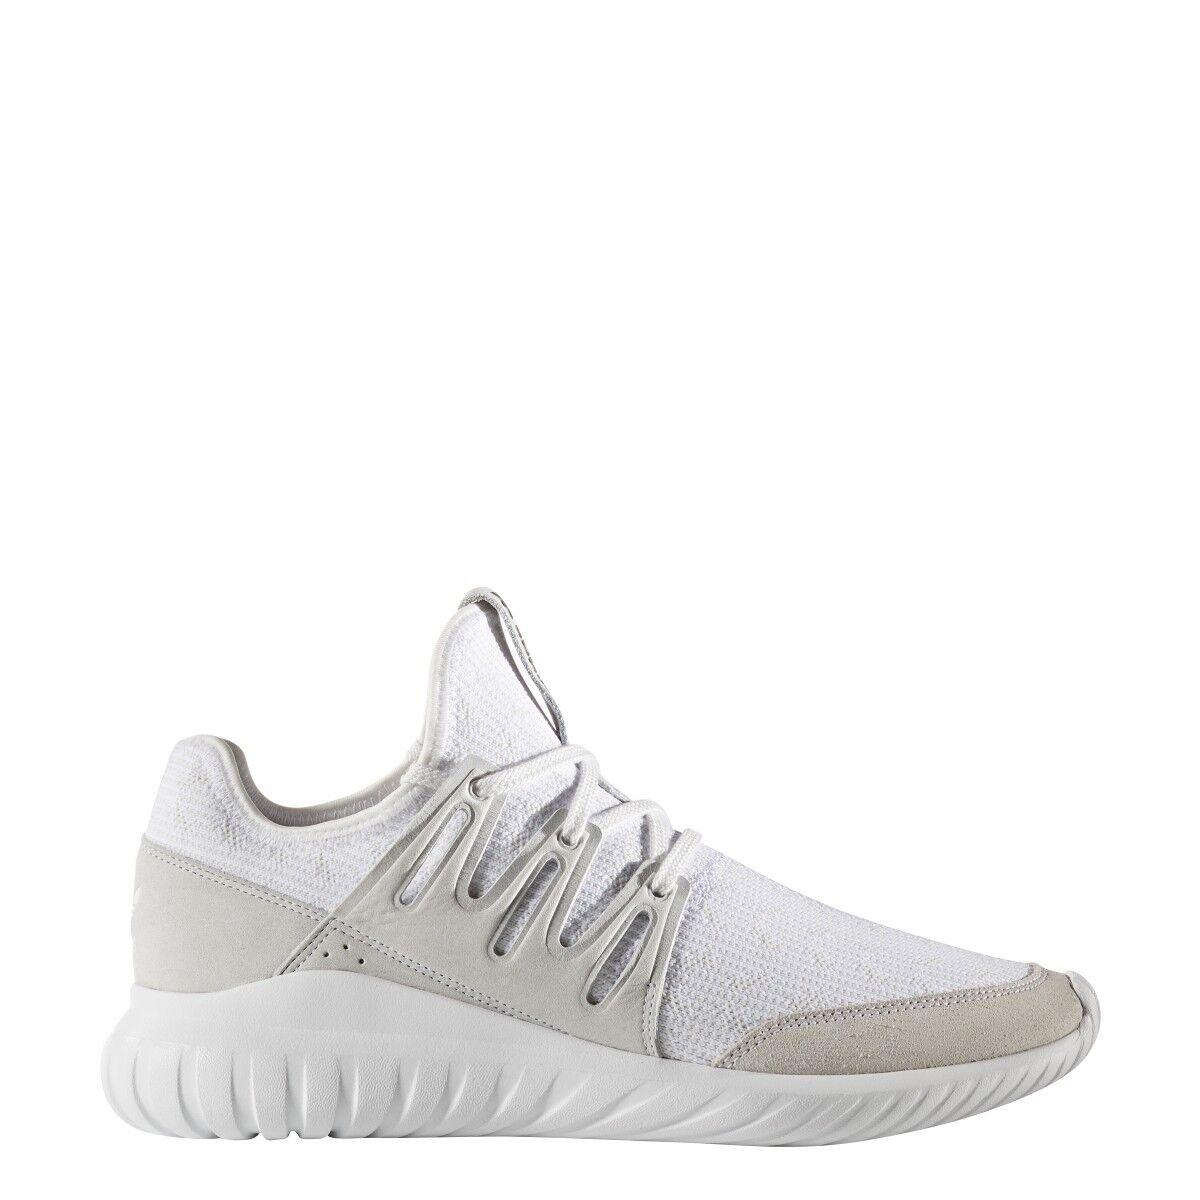 Adidas originali uomini autentico scarpe nuove primeknit radiale tubulare autentico uomini s76714 bianco f58647